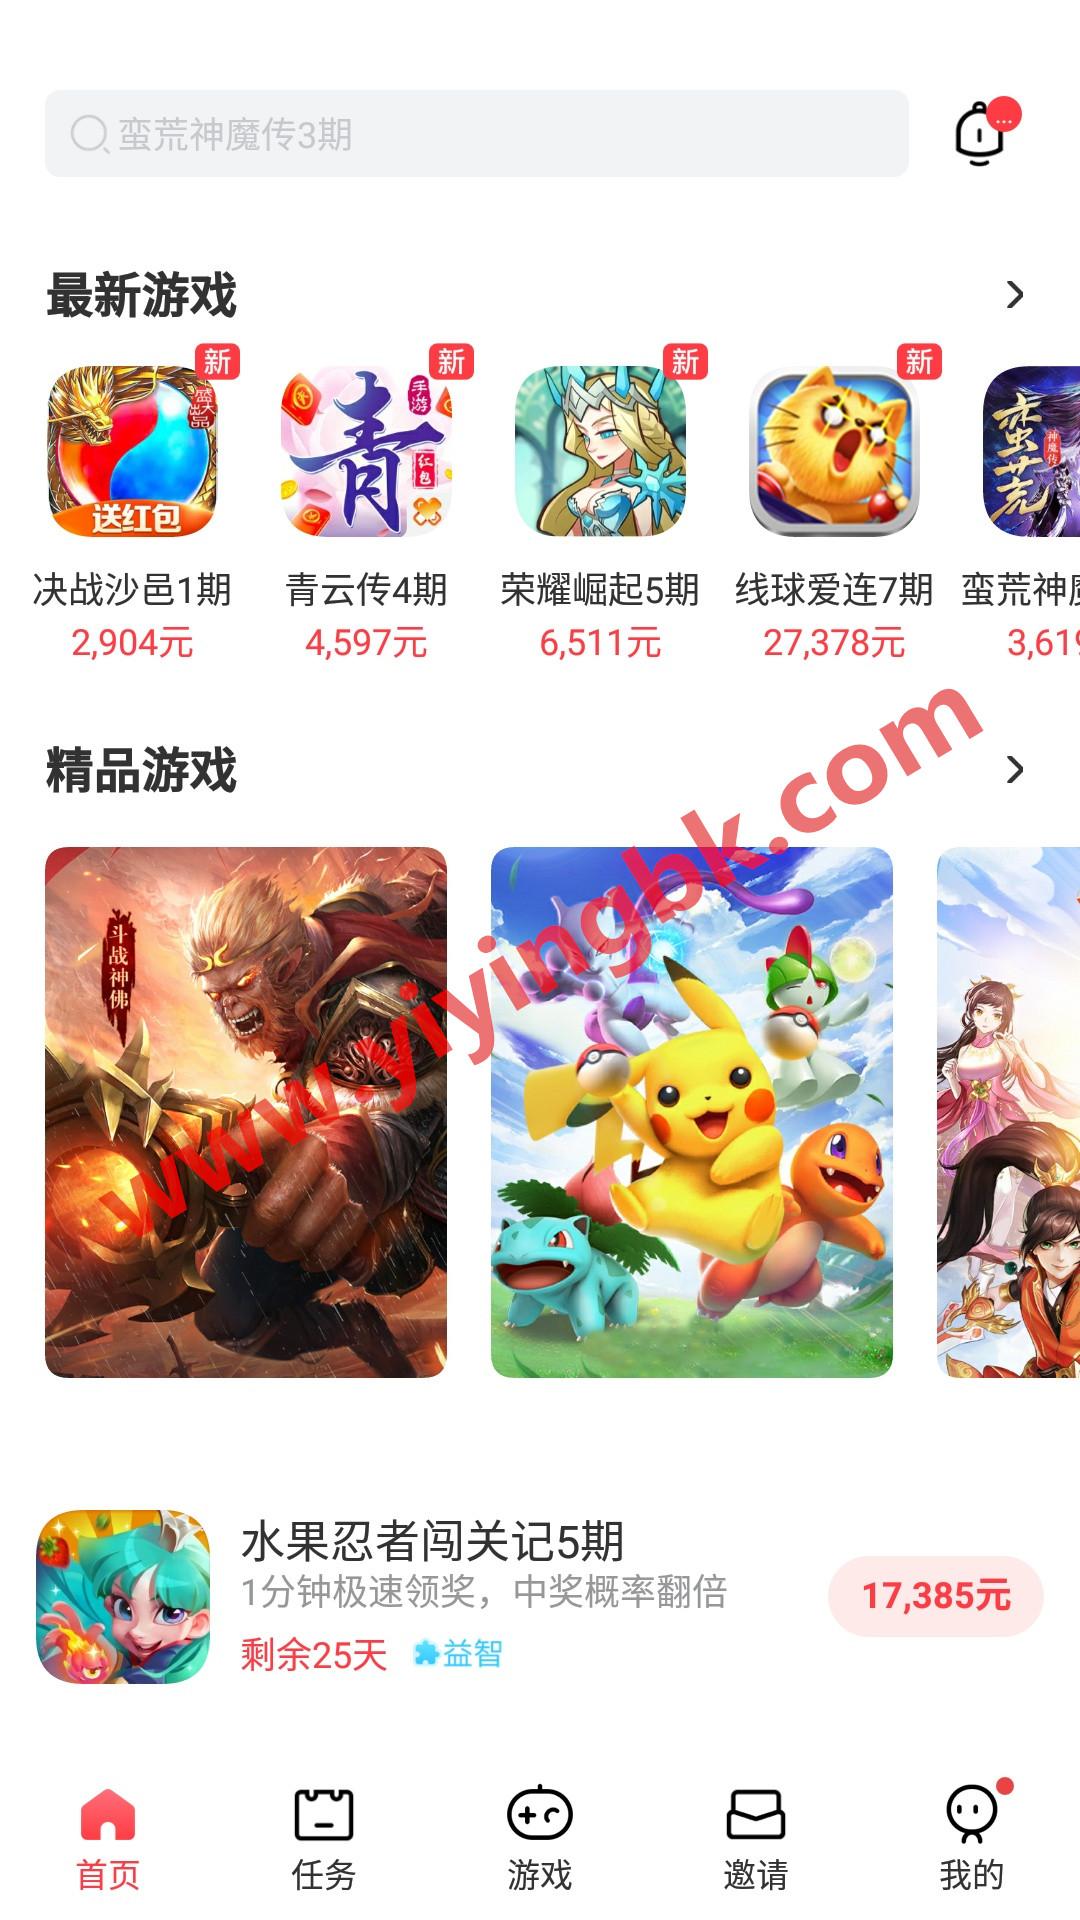 玩手游免费领红包赚零花钱的APP平台,www.yiyingbk.com